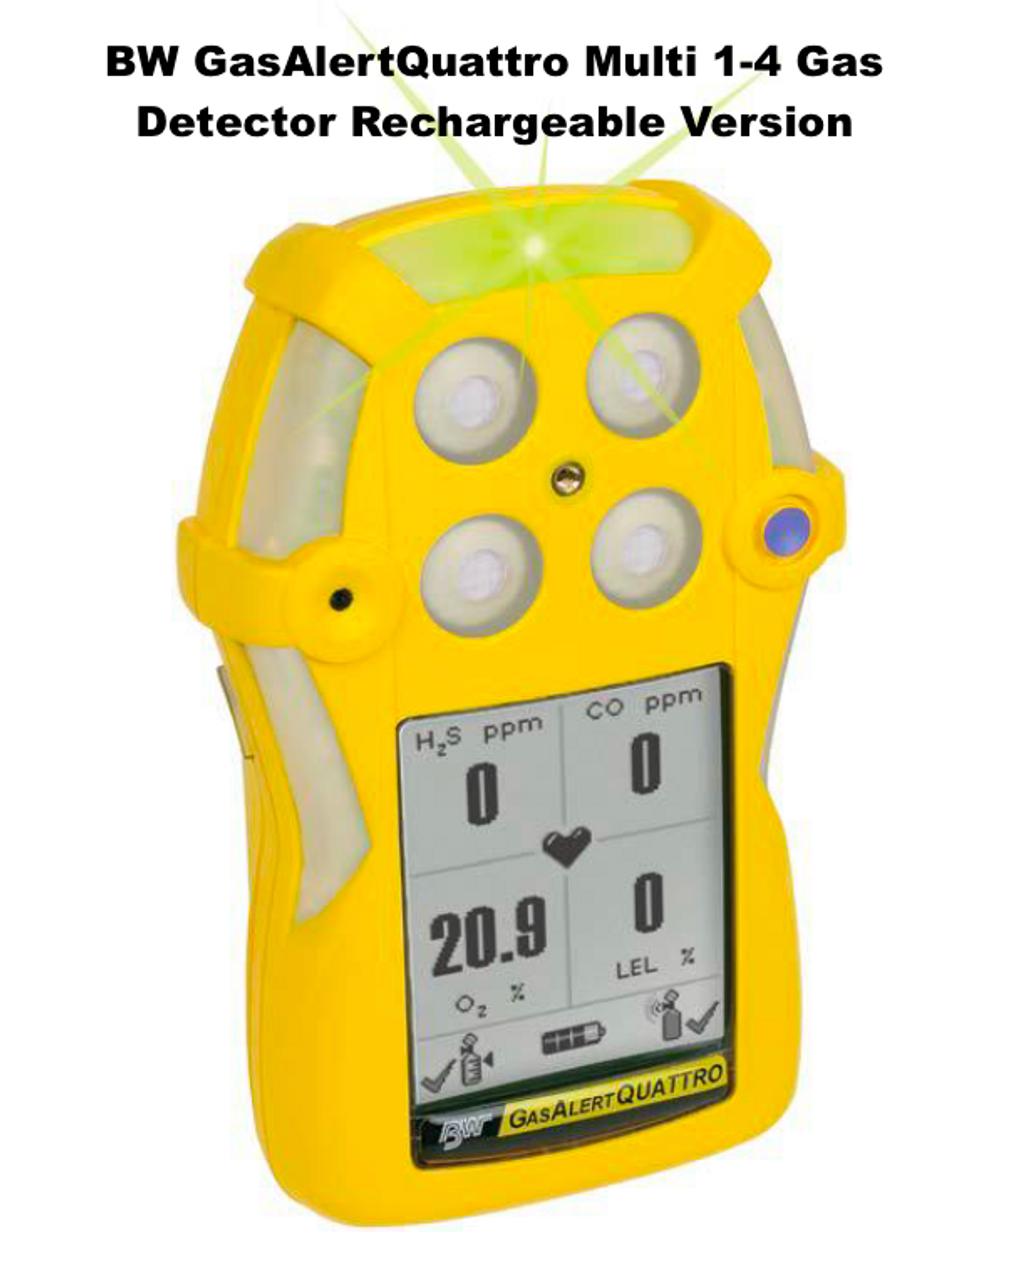 O2 Lel H2S Co Rechargeble Détecteur de gaz BW gasalert Quattro